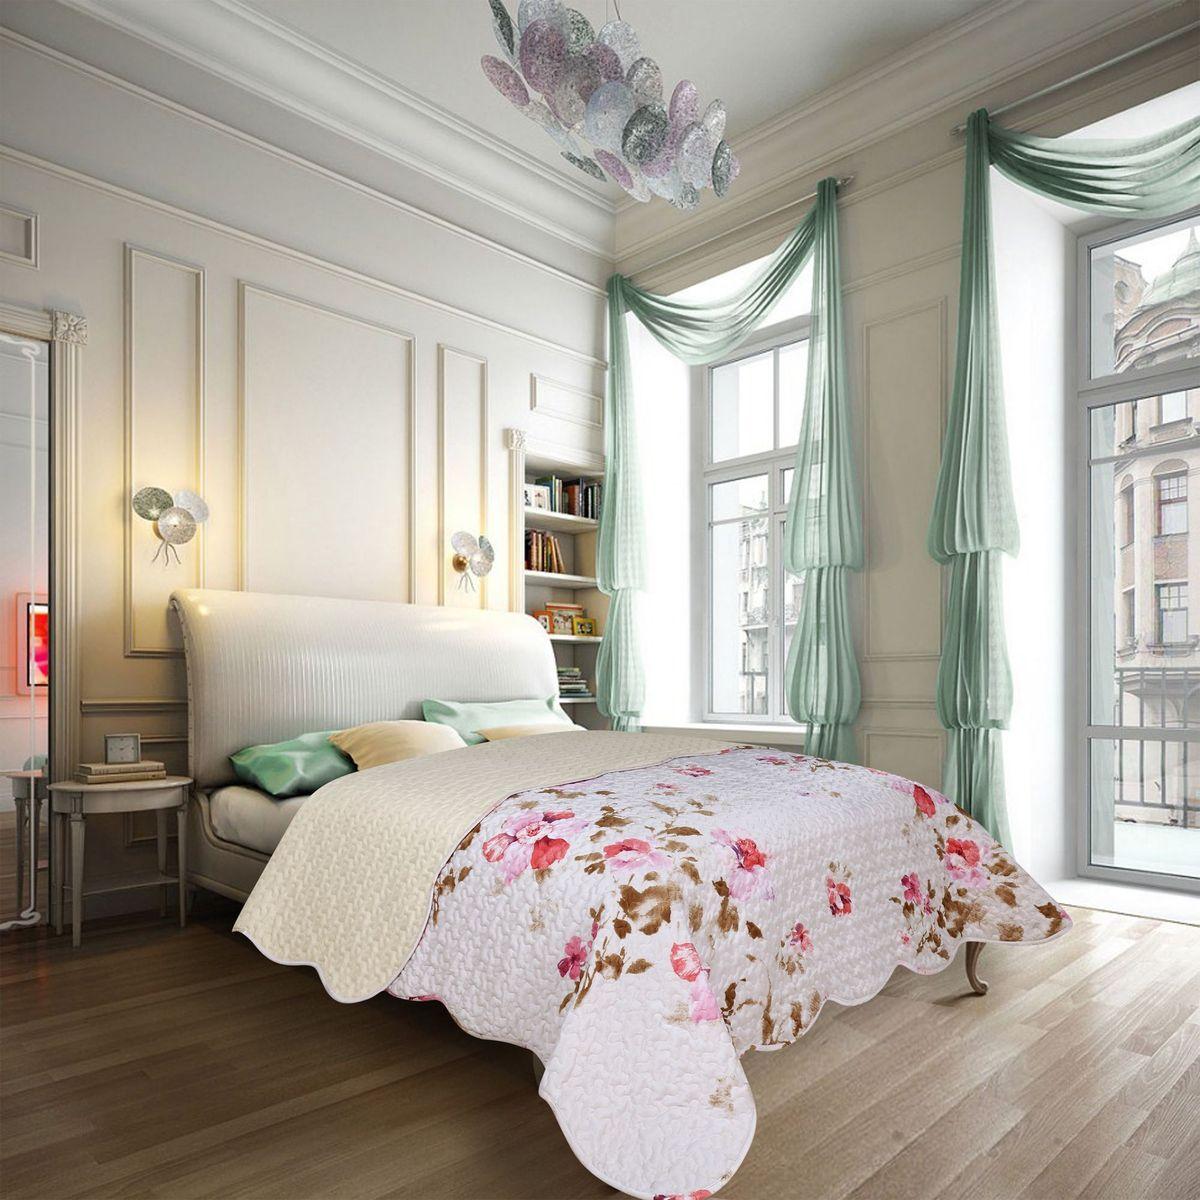 Покрывало Amore Mio Nice, 220 х 240 см85835Покрывало Amore Mio в стиле Прованс, элегантные цветы на белом фоне, украсит любую спальню.